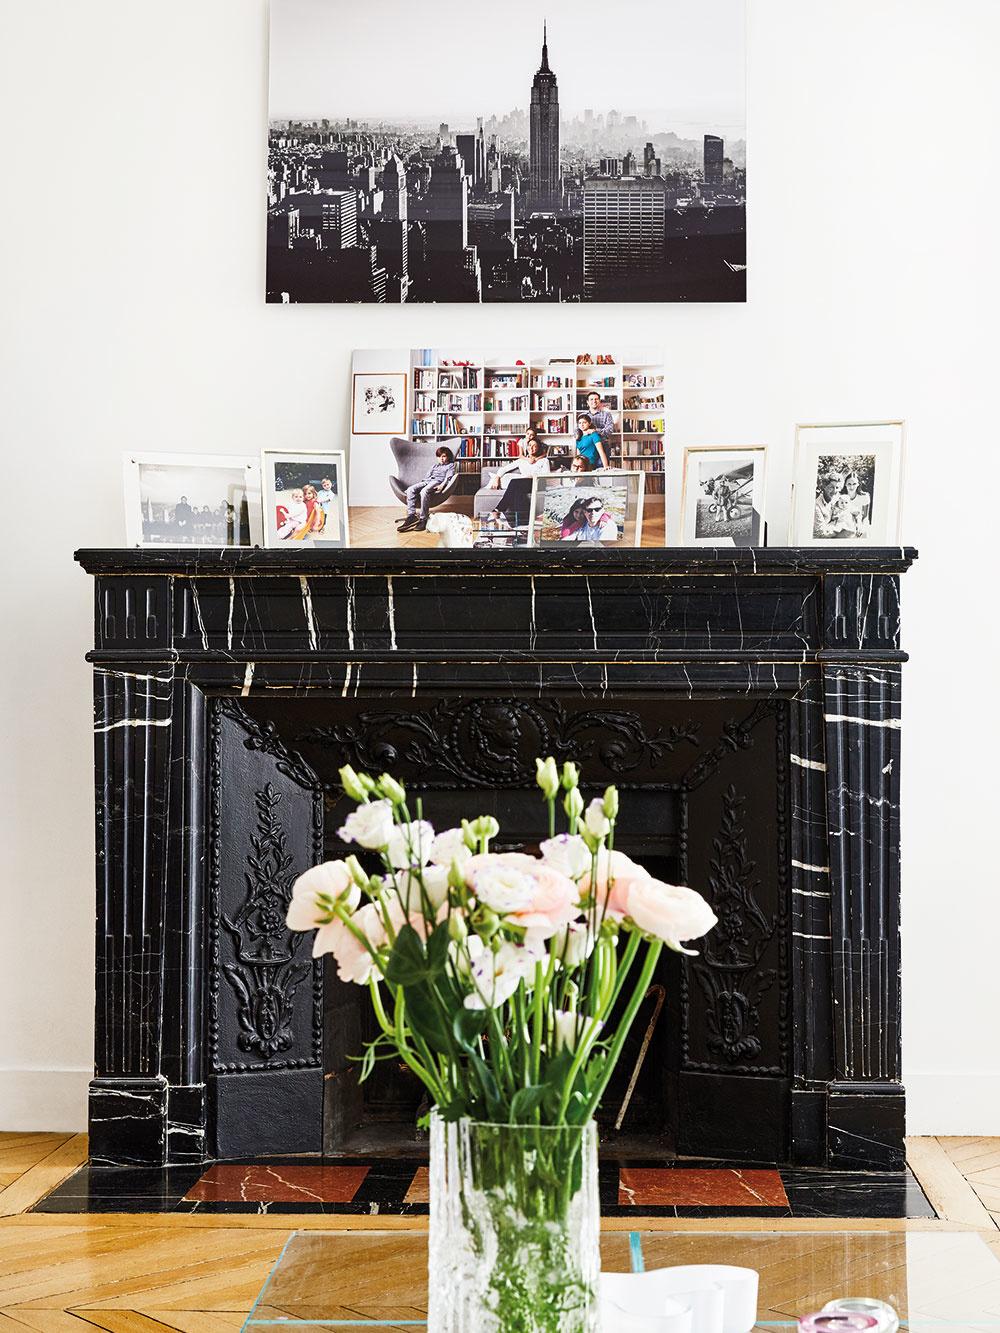 VSVETLEJ OBÝVAČKE zariadenej vjemných sivých tónoch sa oproti knižnici nachádza čierny kozub, ktorý miestnosti dodáva potrebný kontrast anádych dramatickosti, ako sa na bohémsky Paríž patrí.